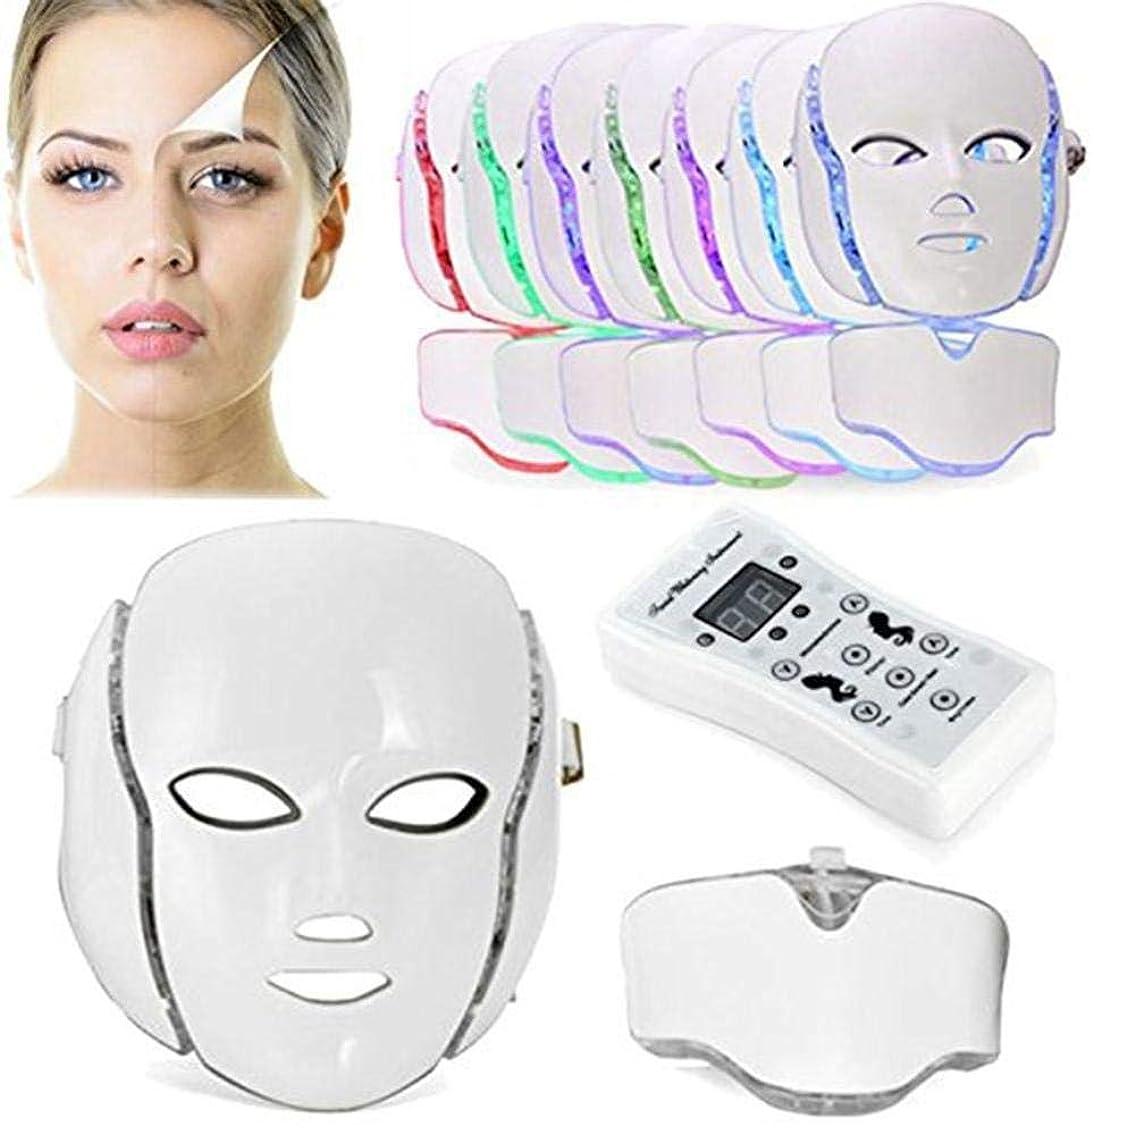 音声タイトルレトルト7色PDT光子LEDの顔のマスクの皮の若返りのしわの取り外しの電気反老化LEDのマスクのアクネ、しわの取り外しのきつく締まること及び白くなること